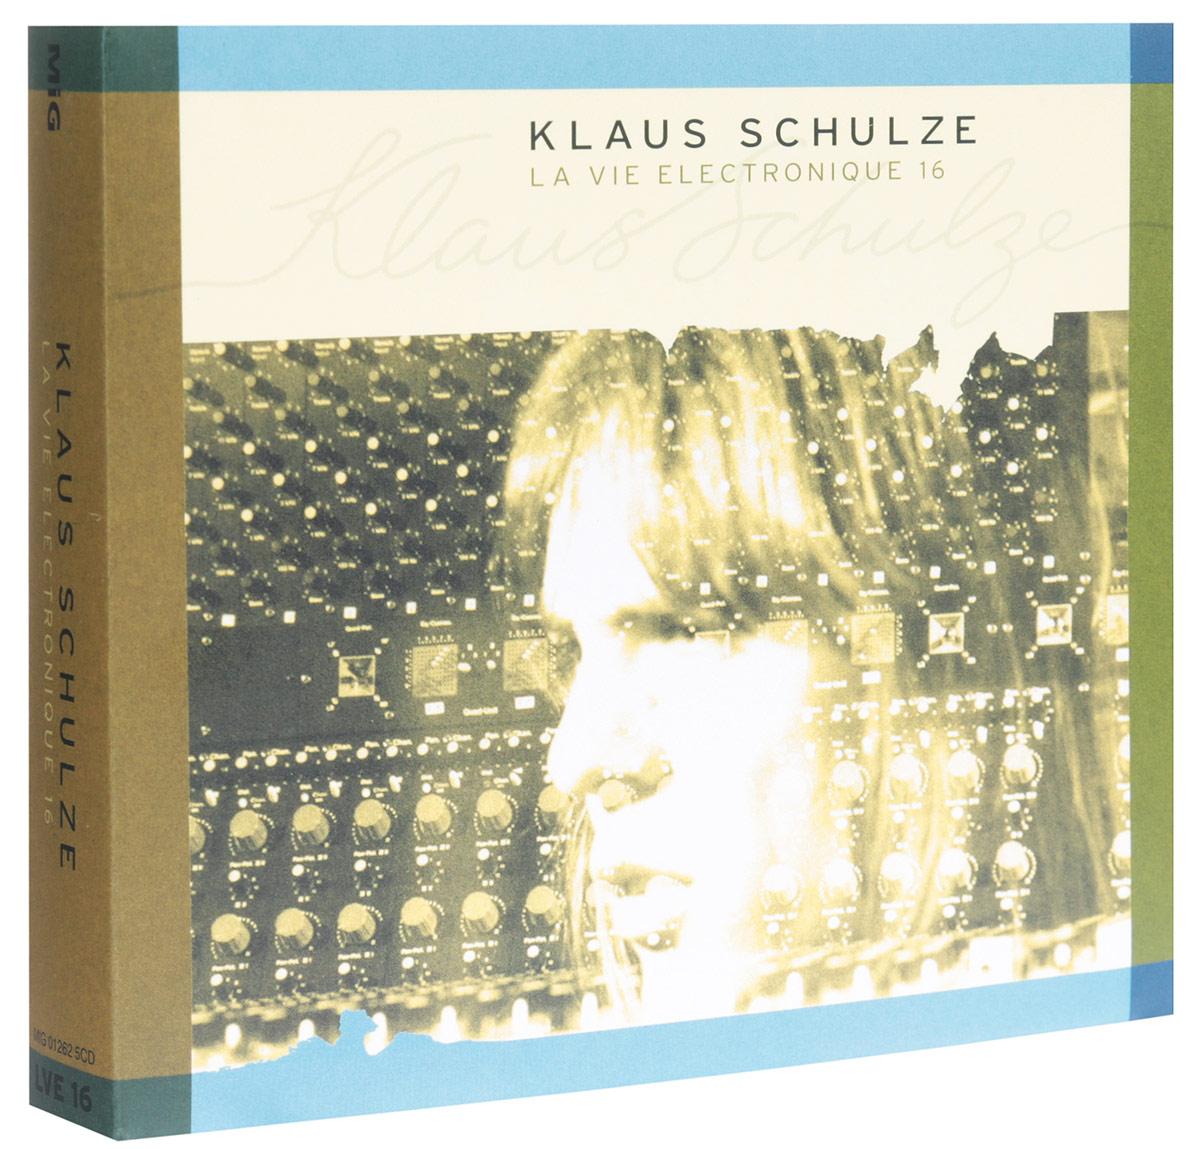 К изданию прилагается 24-страничный буклет с фотографиями, списком треков и дополнительной информацией на немецком и английском языках.